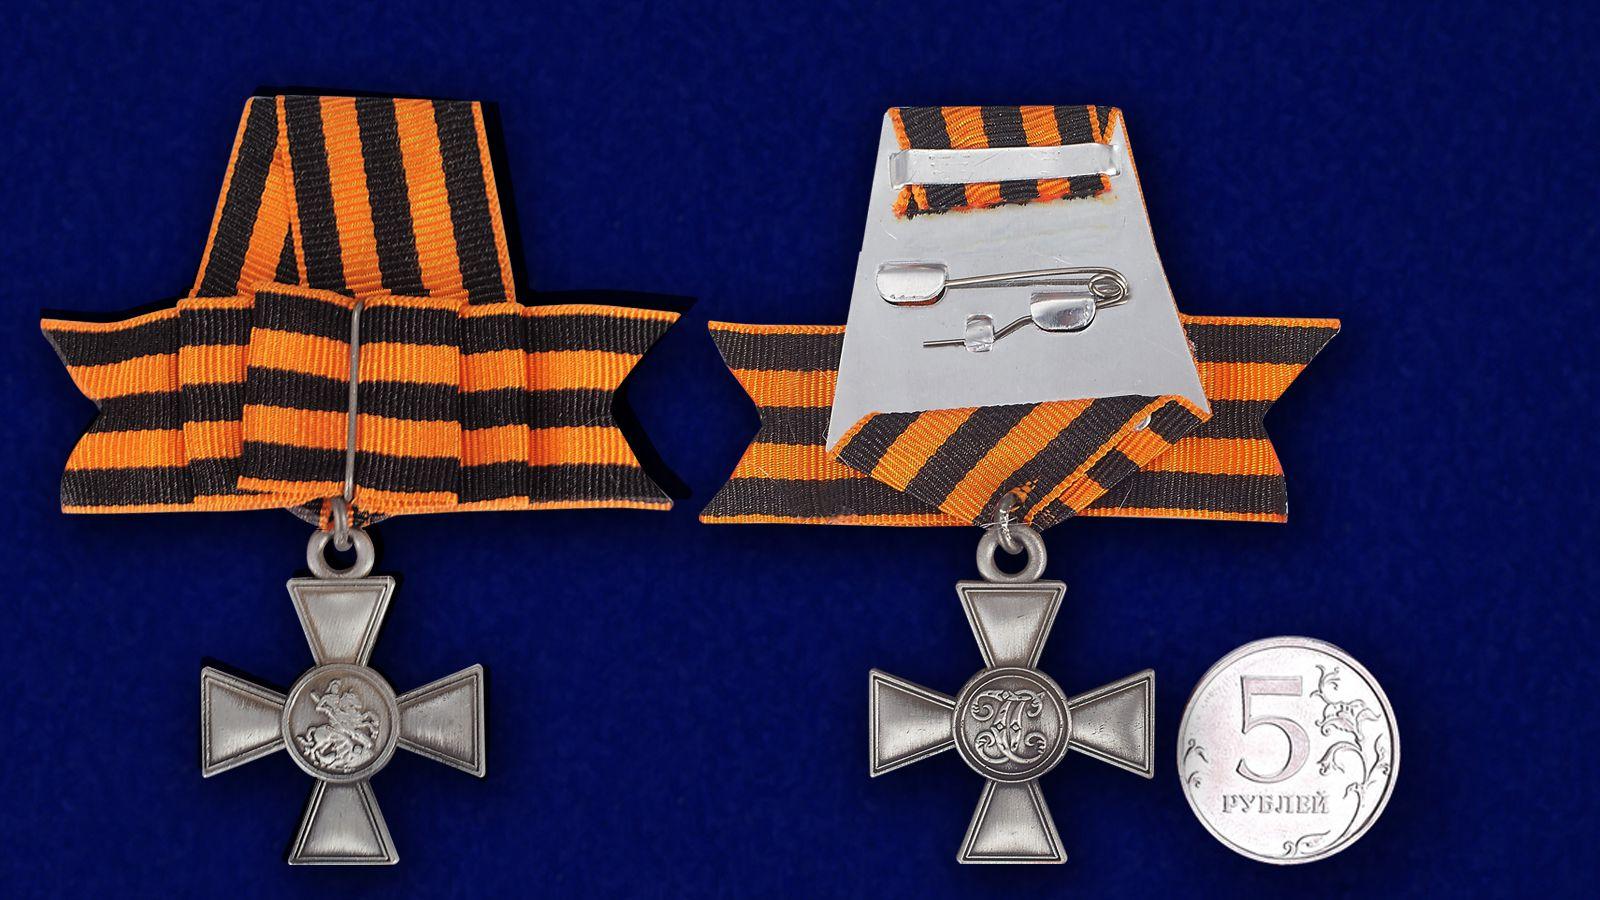 Георгиевский крест (с бантом) - сравнительный размер